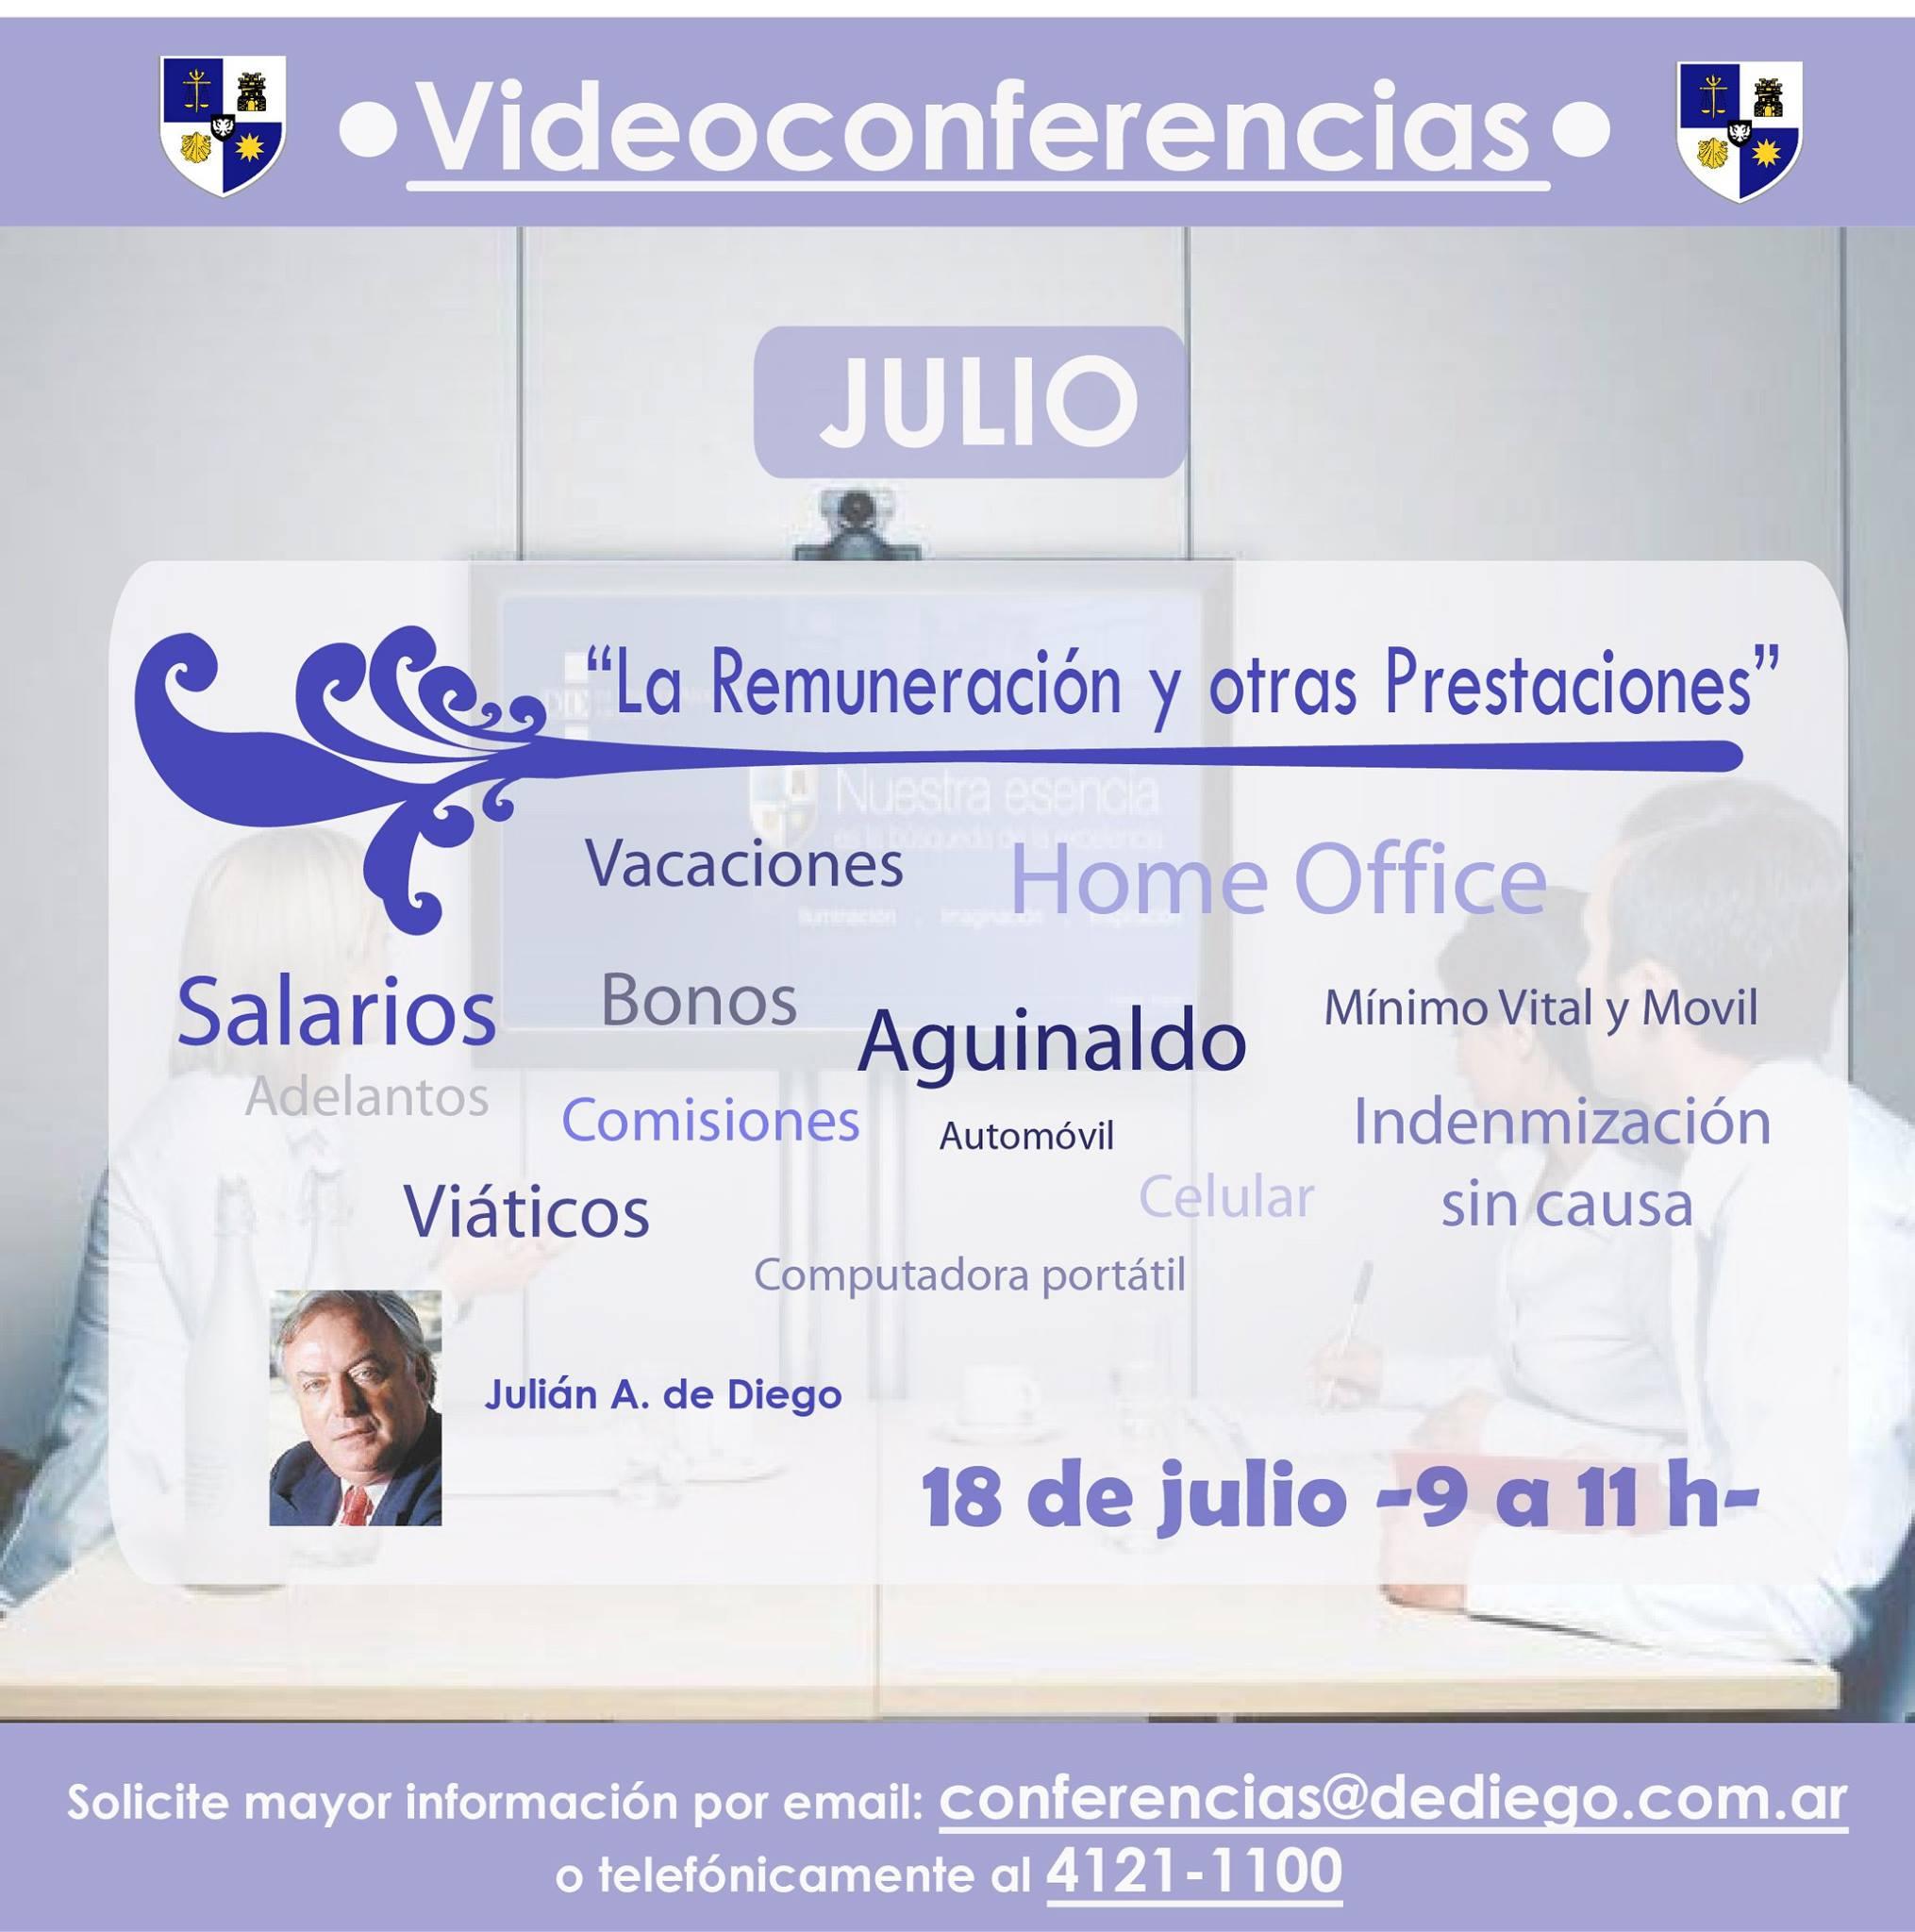 laremuneracion videoconferencia